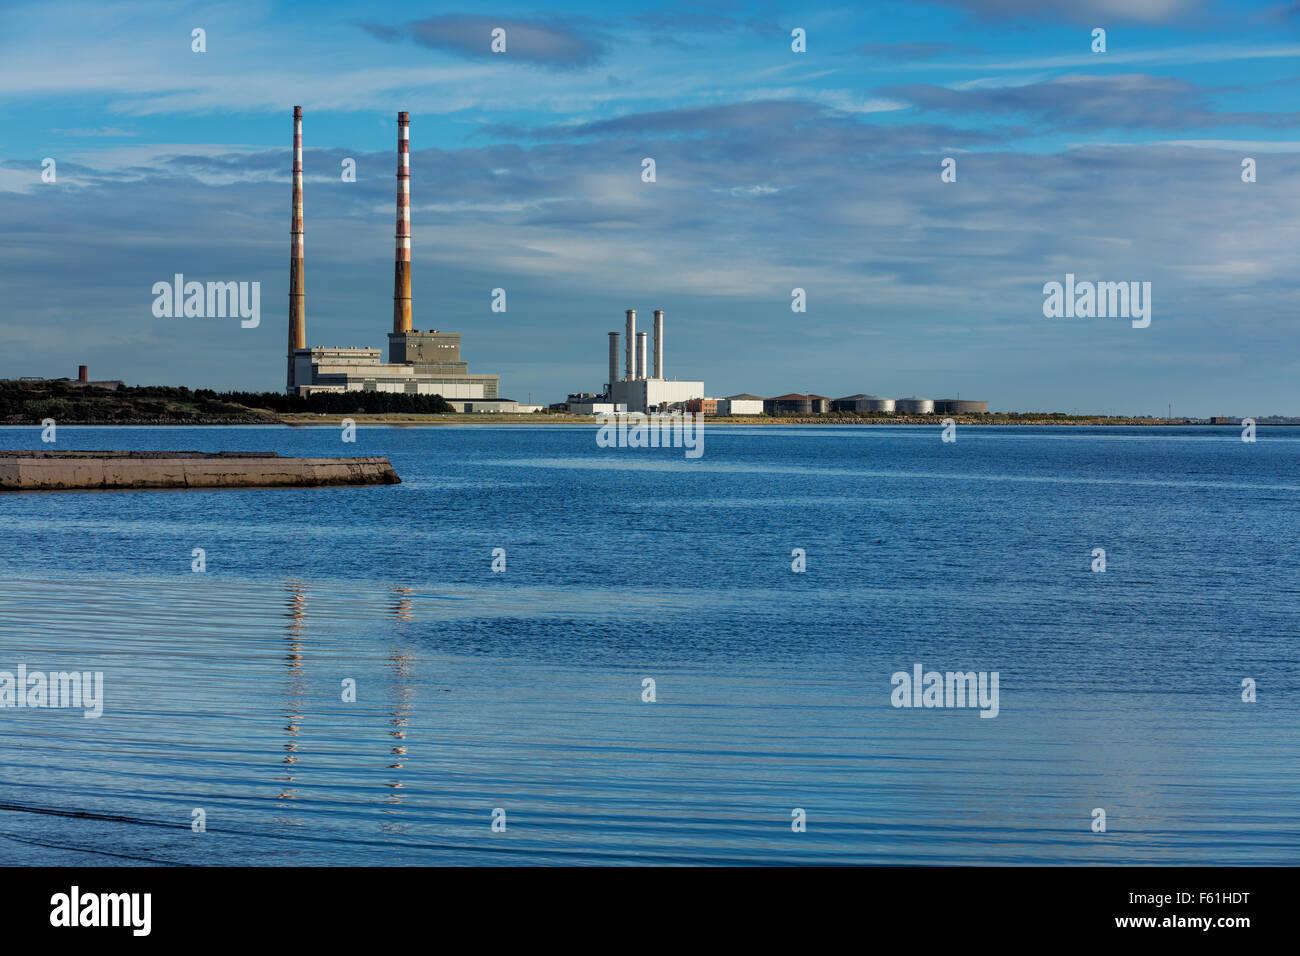 Ringsend Poolbeg chimeneas de la zona de Dublín, Irlanda, visto desde la ZPE de Sandymount Beach Foto de stock